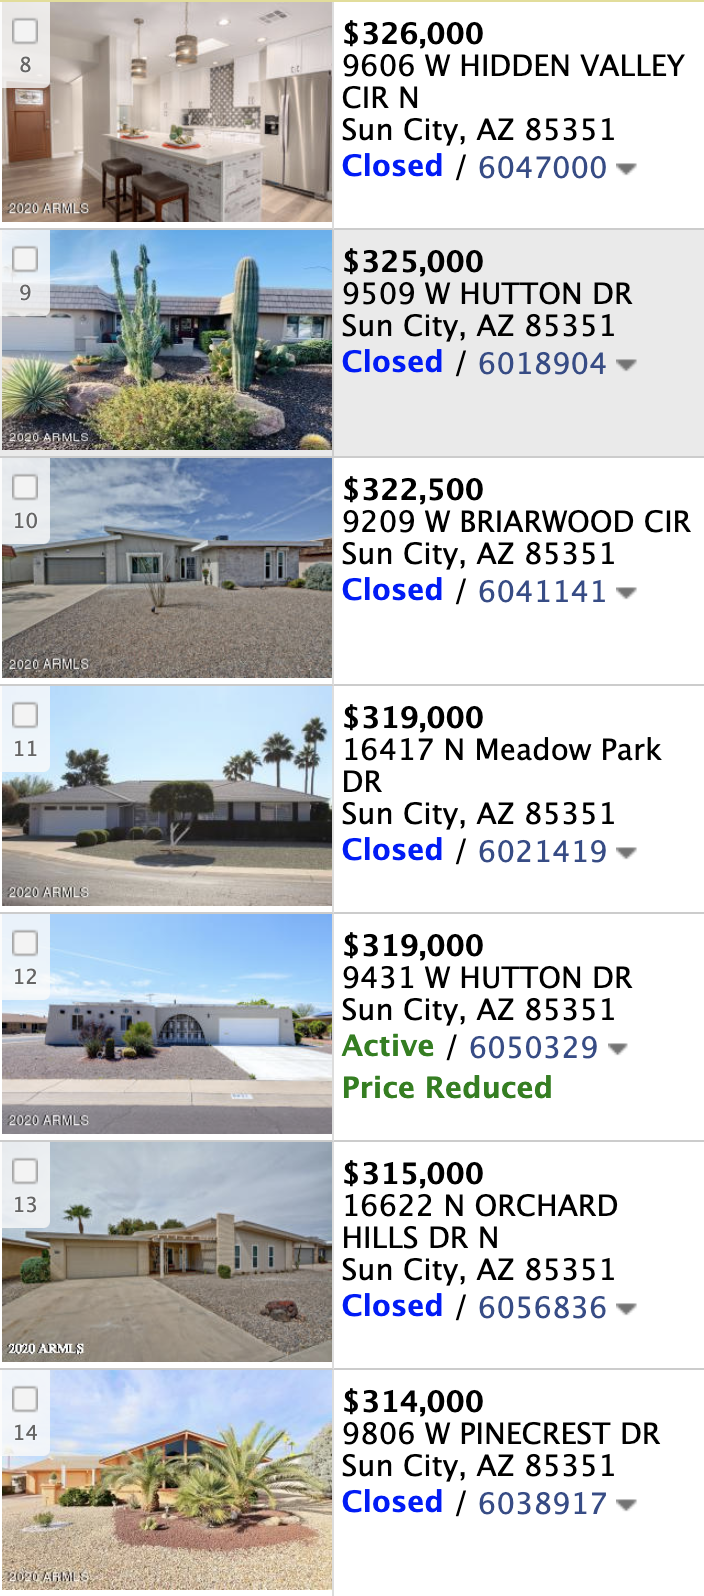 16018 N Lakeforest Dr, Sun City AZ 85351  comps list